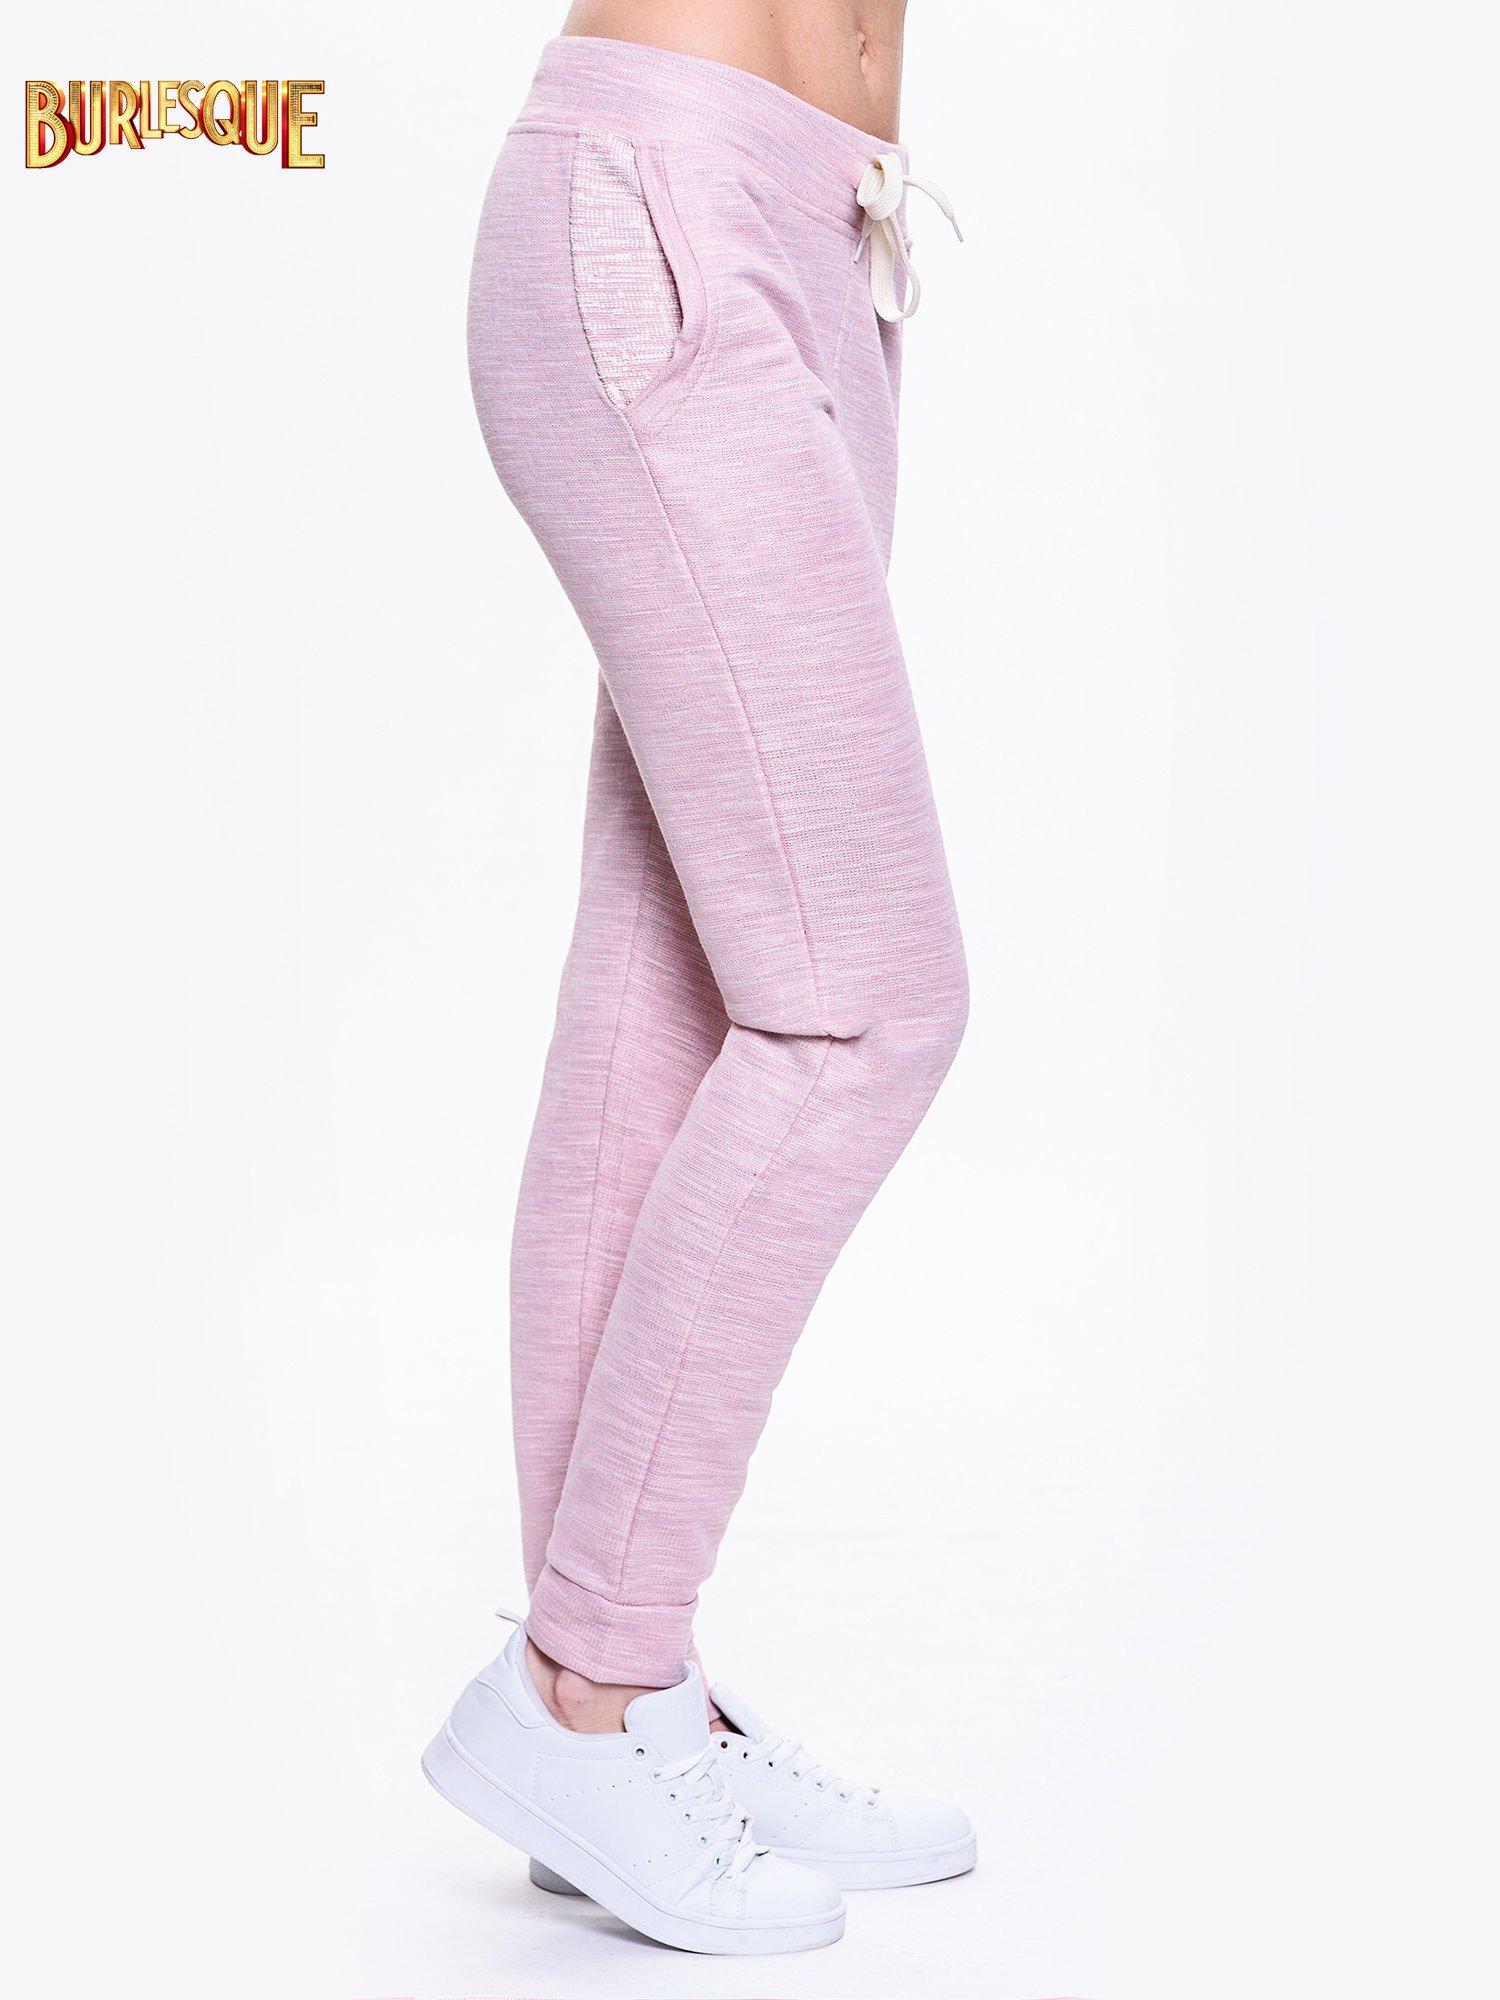 Różowe dresowe spodnie damskie o kroju baggy                                  zdj.                                  3